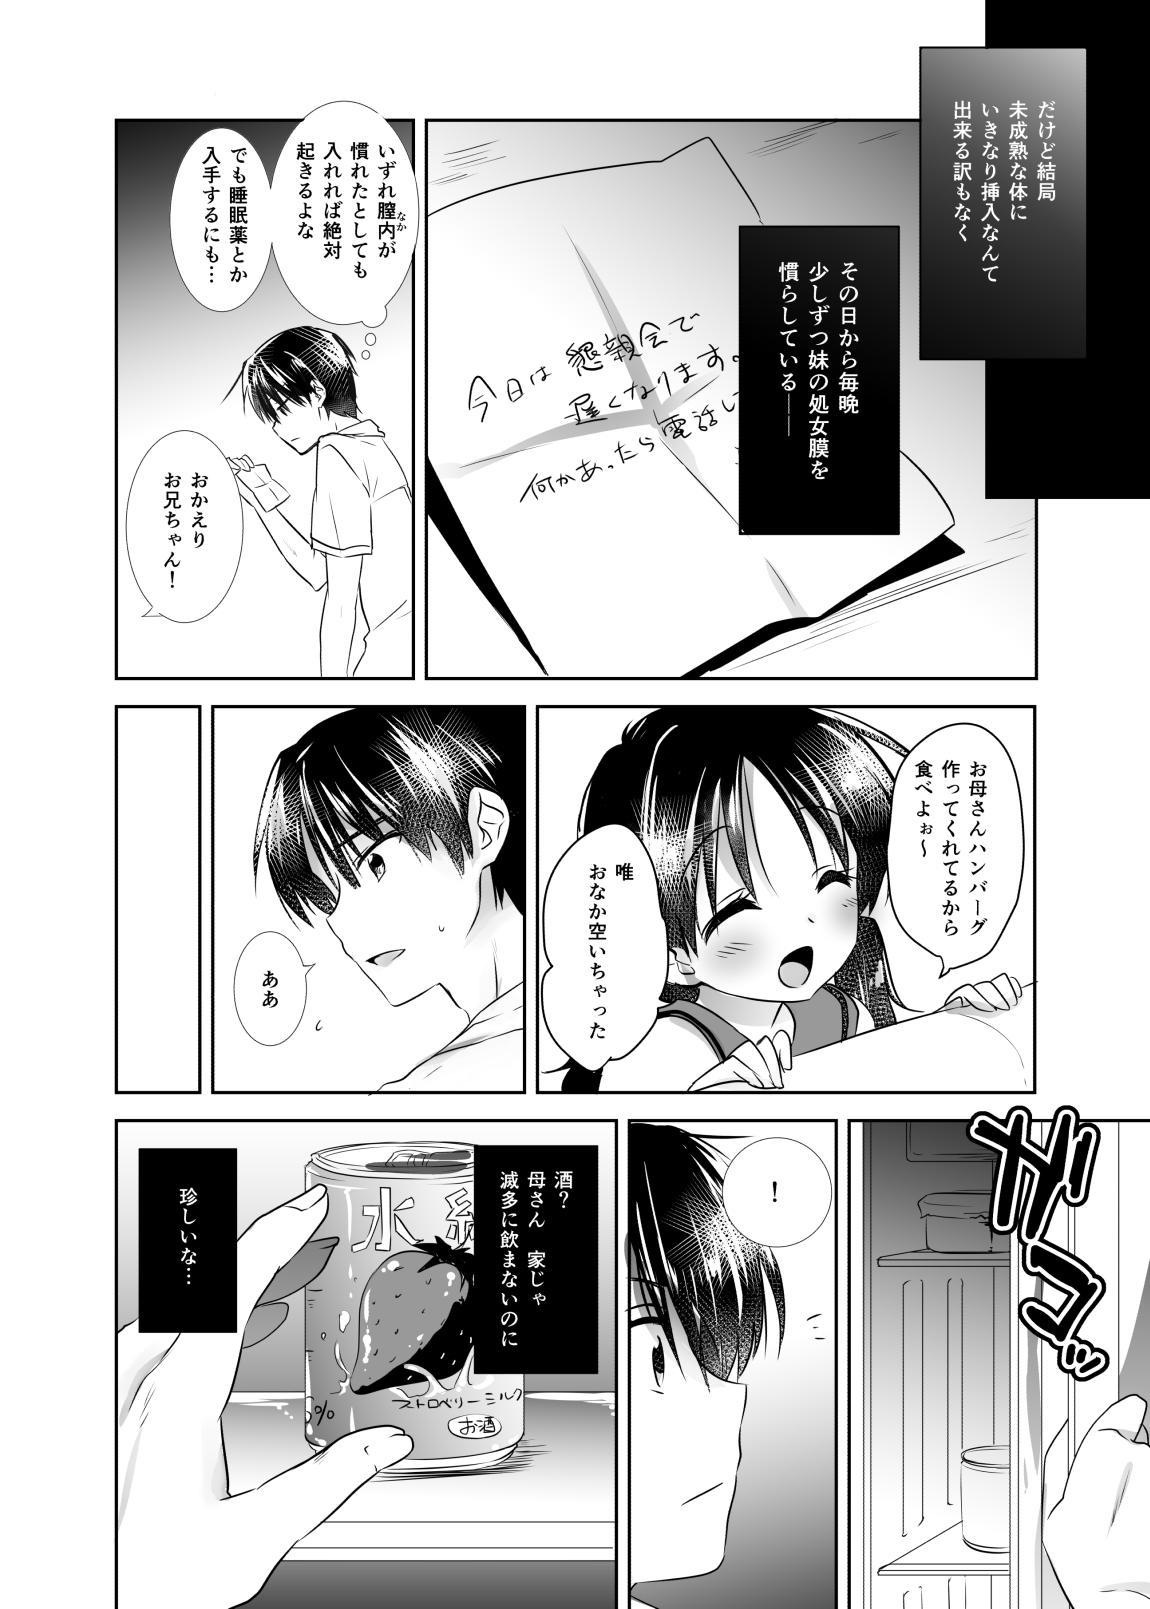 Oyasumi Sex Shidokuban 13